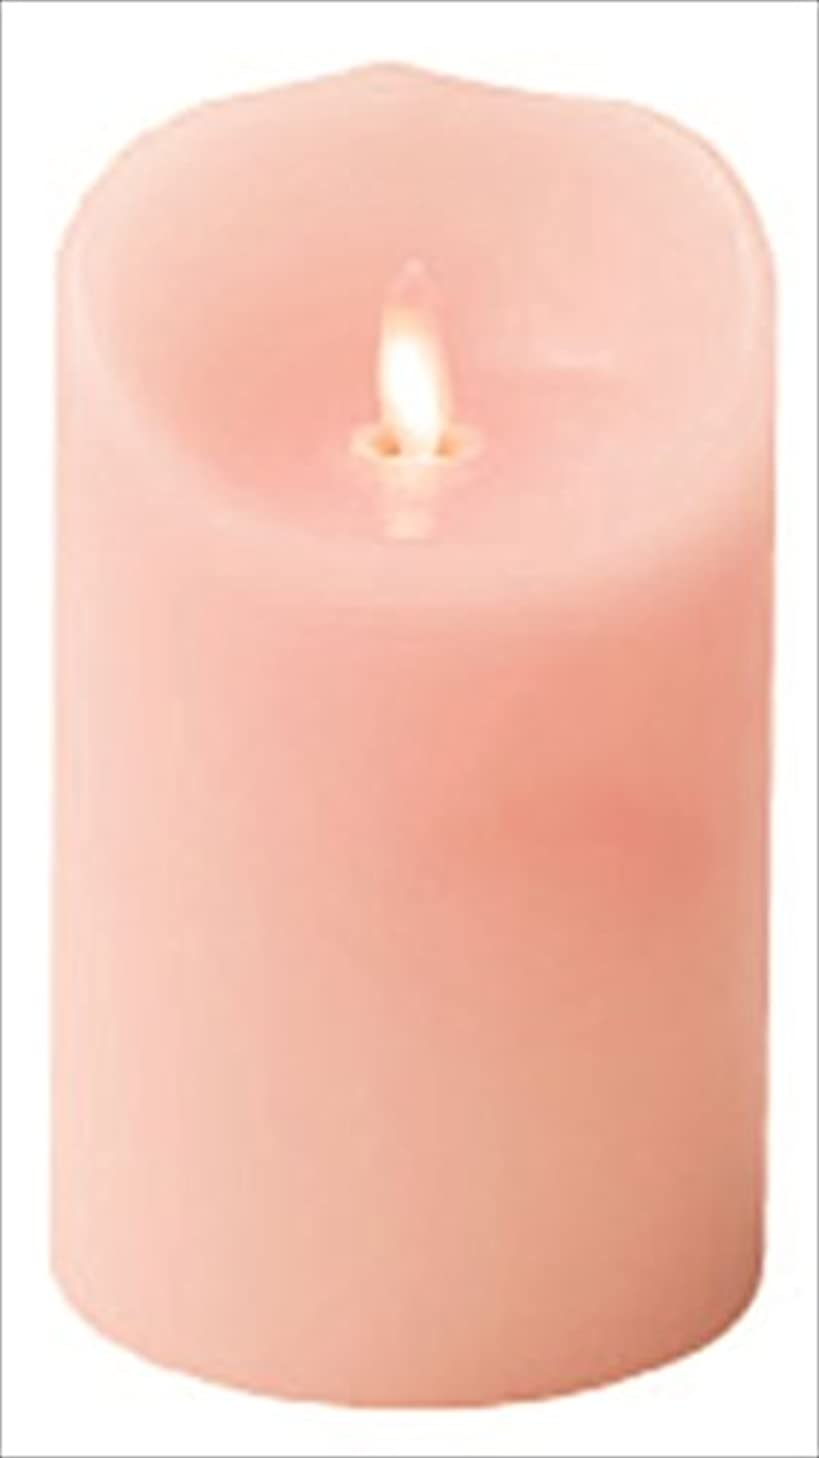 さまよう支配する足ルミナラ( LUMINARA ) LUMINARA(ルミナラ)ピラー3.5×5【ボックスなし】 「 ピンク 」 03000000PK